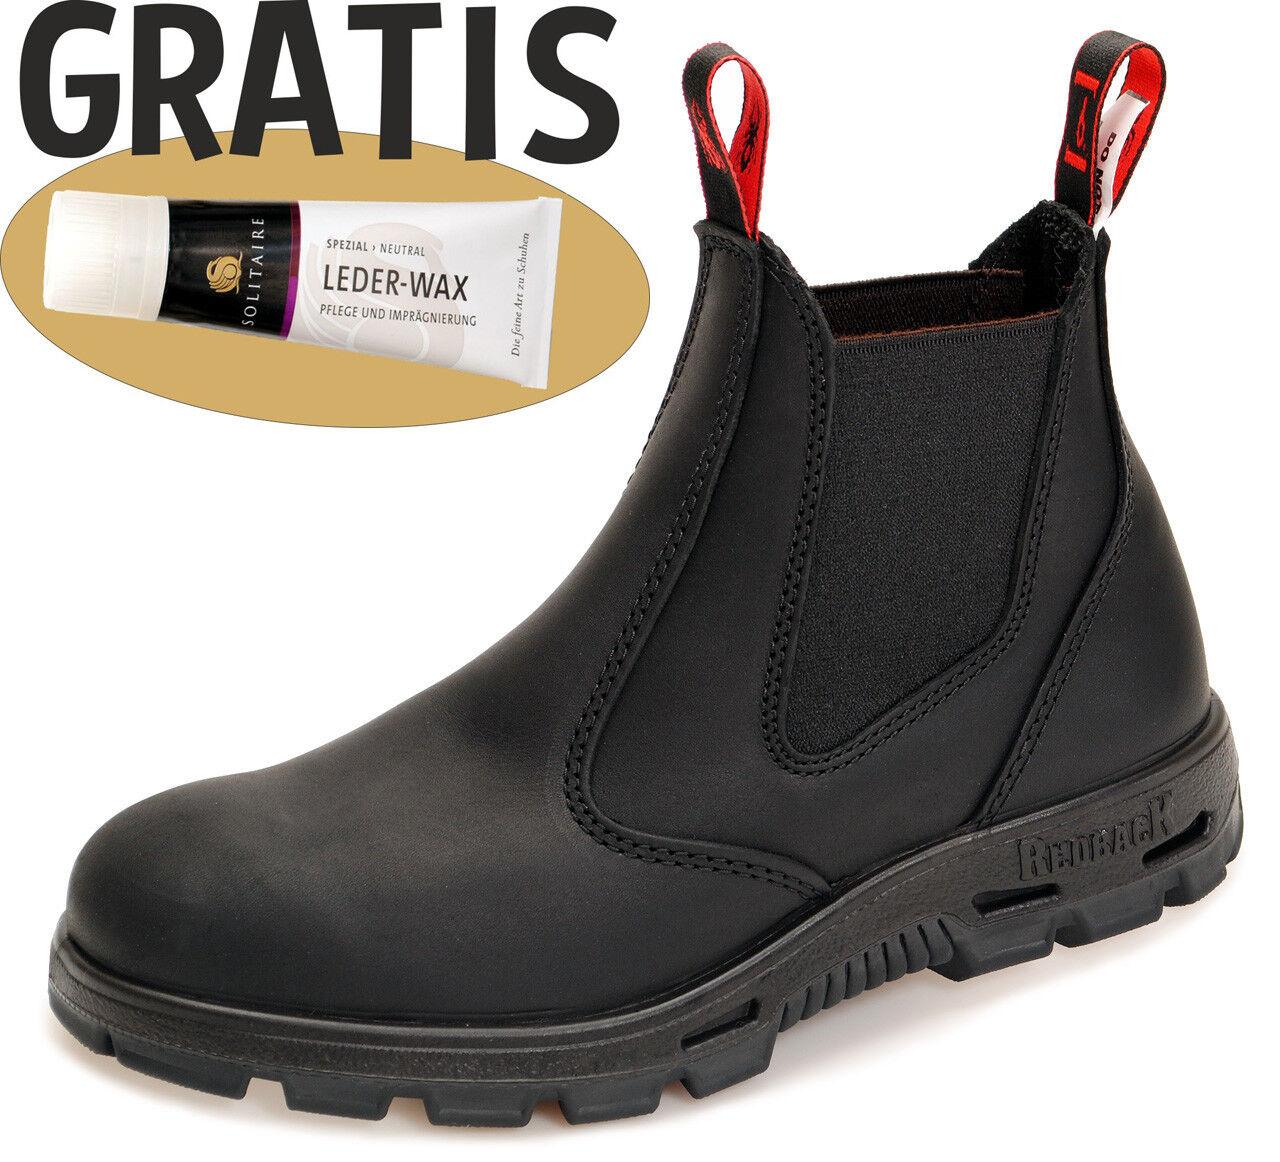 Redback Work schwarze Boots Arbeitsschuhe - komplett schwarze Work Sohle BUBBK schwarz +Zugabe 563e42